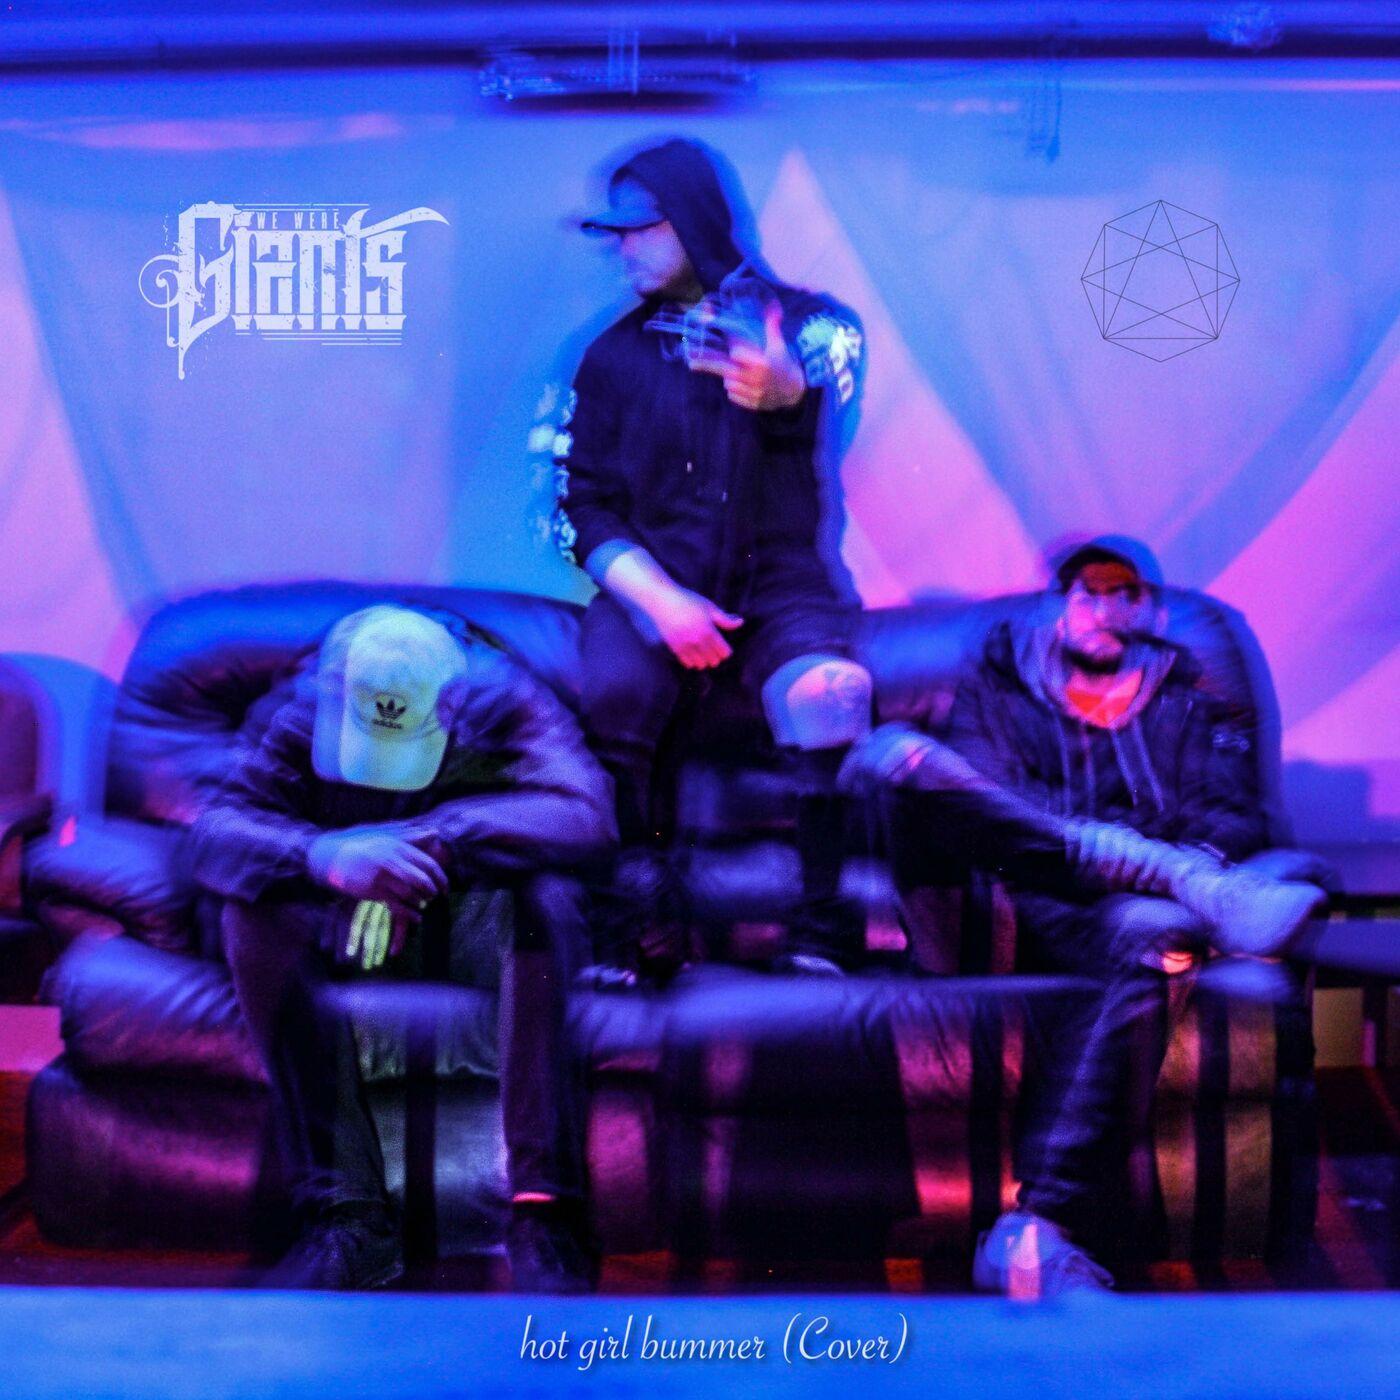 We Were Giants - Hot Girl Bummer [single] (2019)